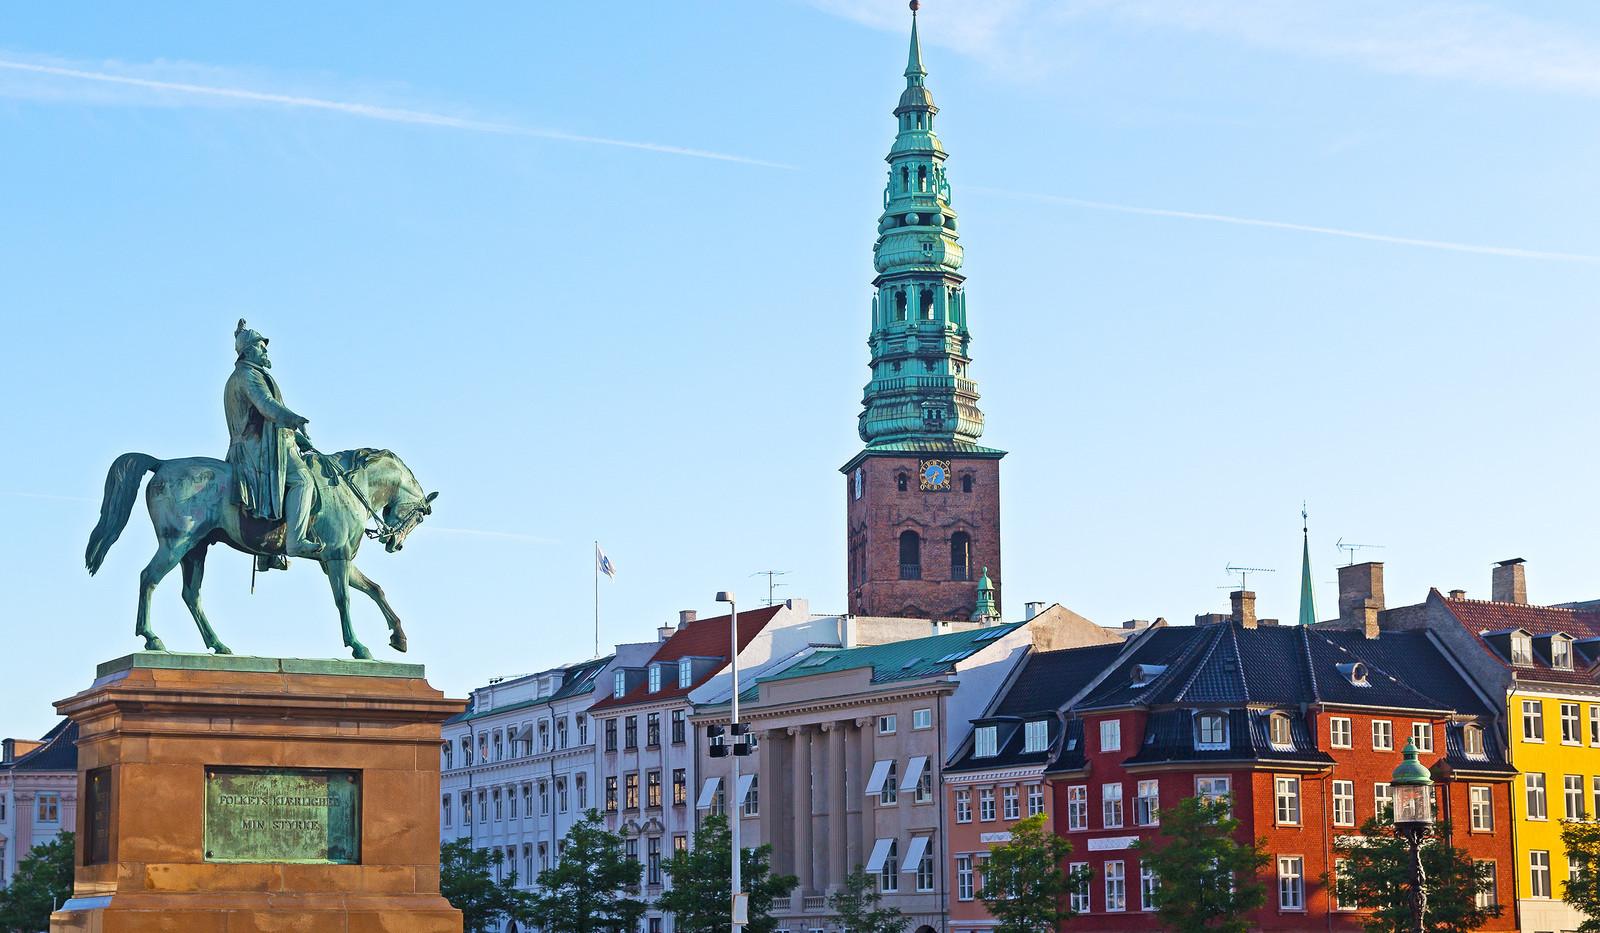 Canva - Equestrian statue of Frederik VI